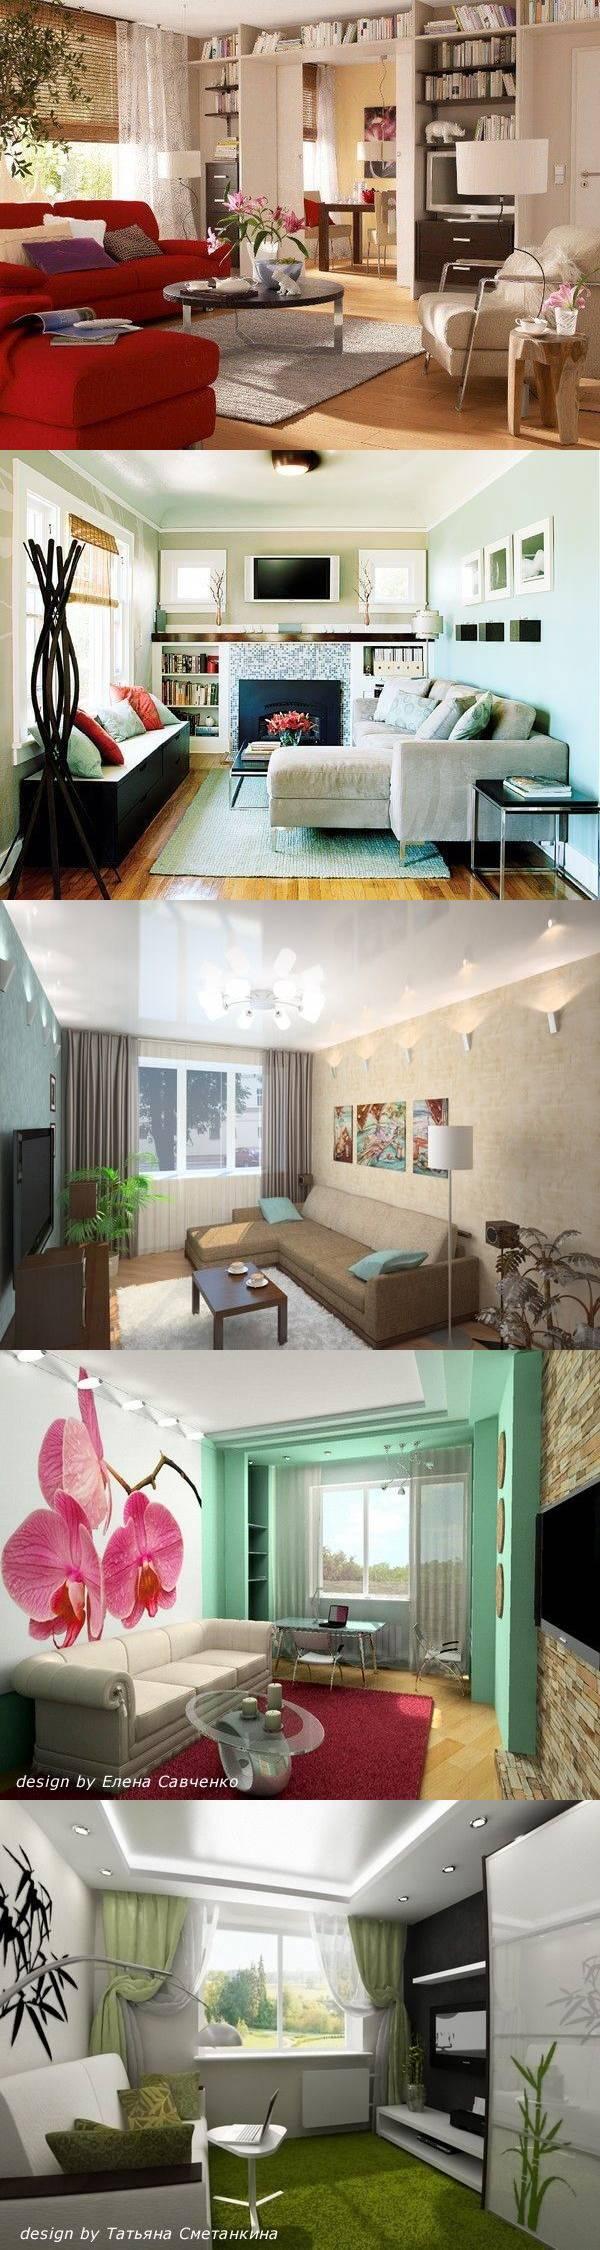 Дизайн маленькой гостиной — 25 идей